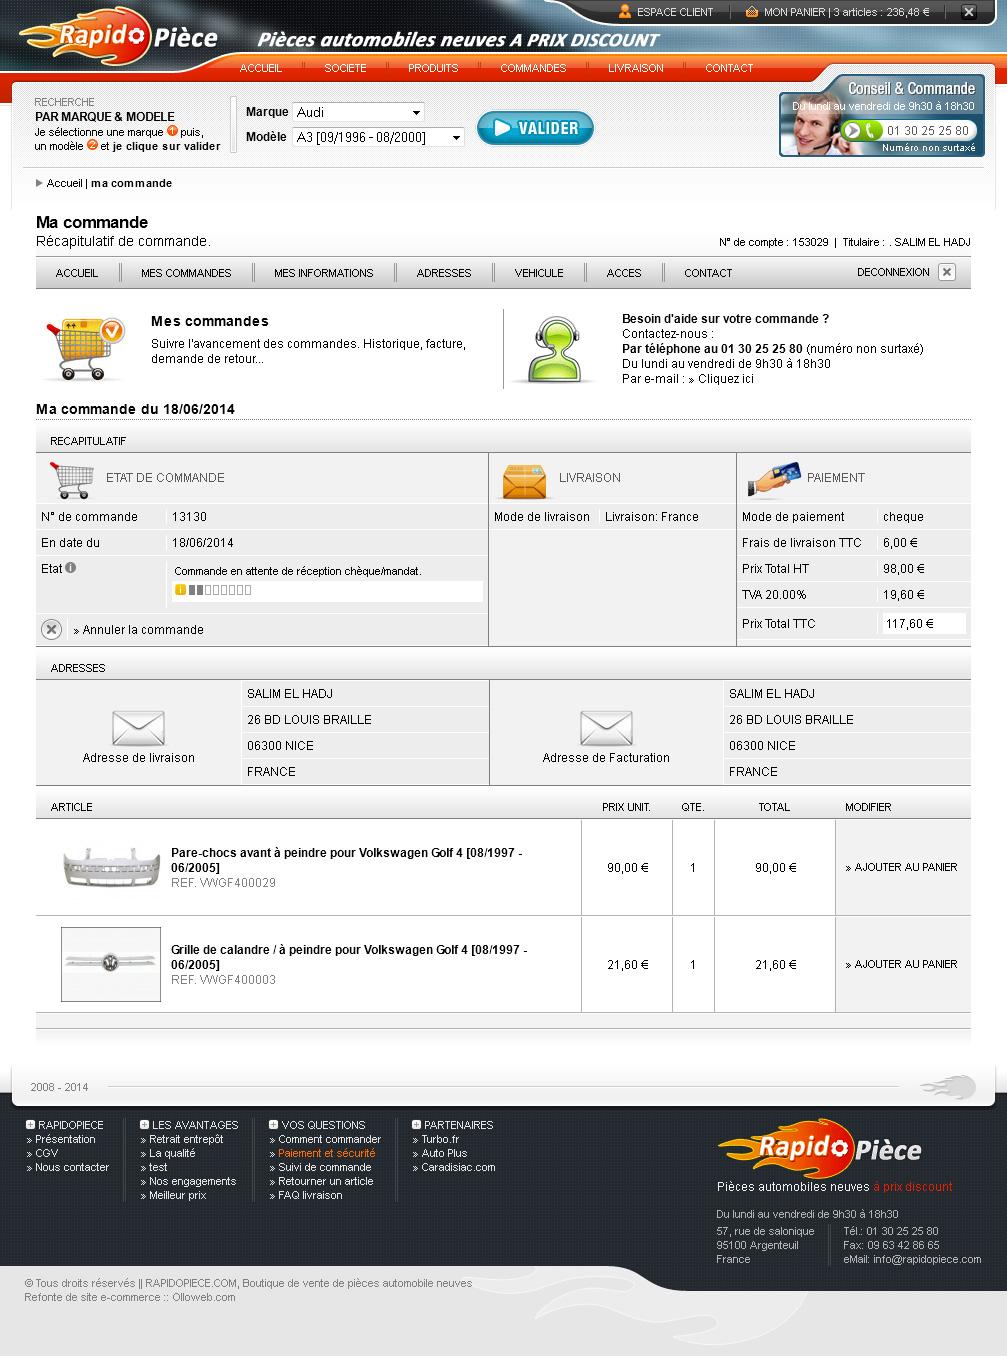 Détail de la page commande du site e-commerce